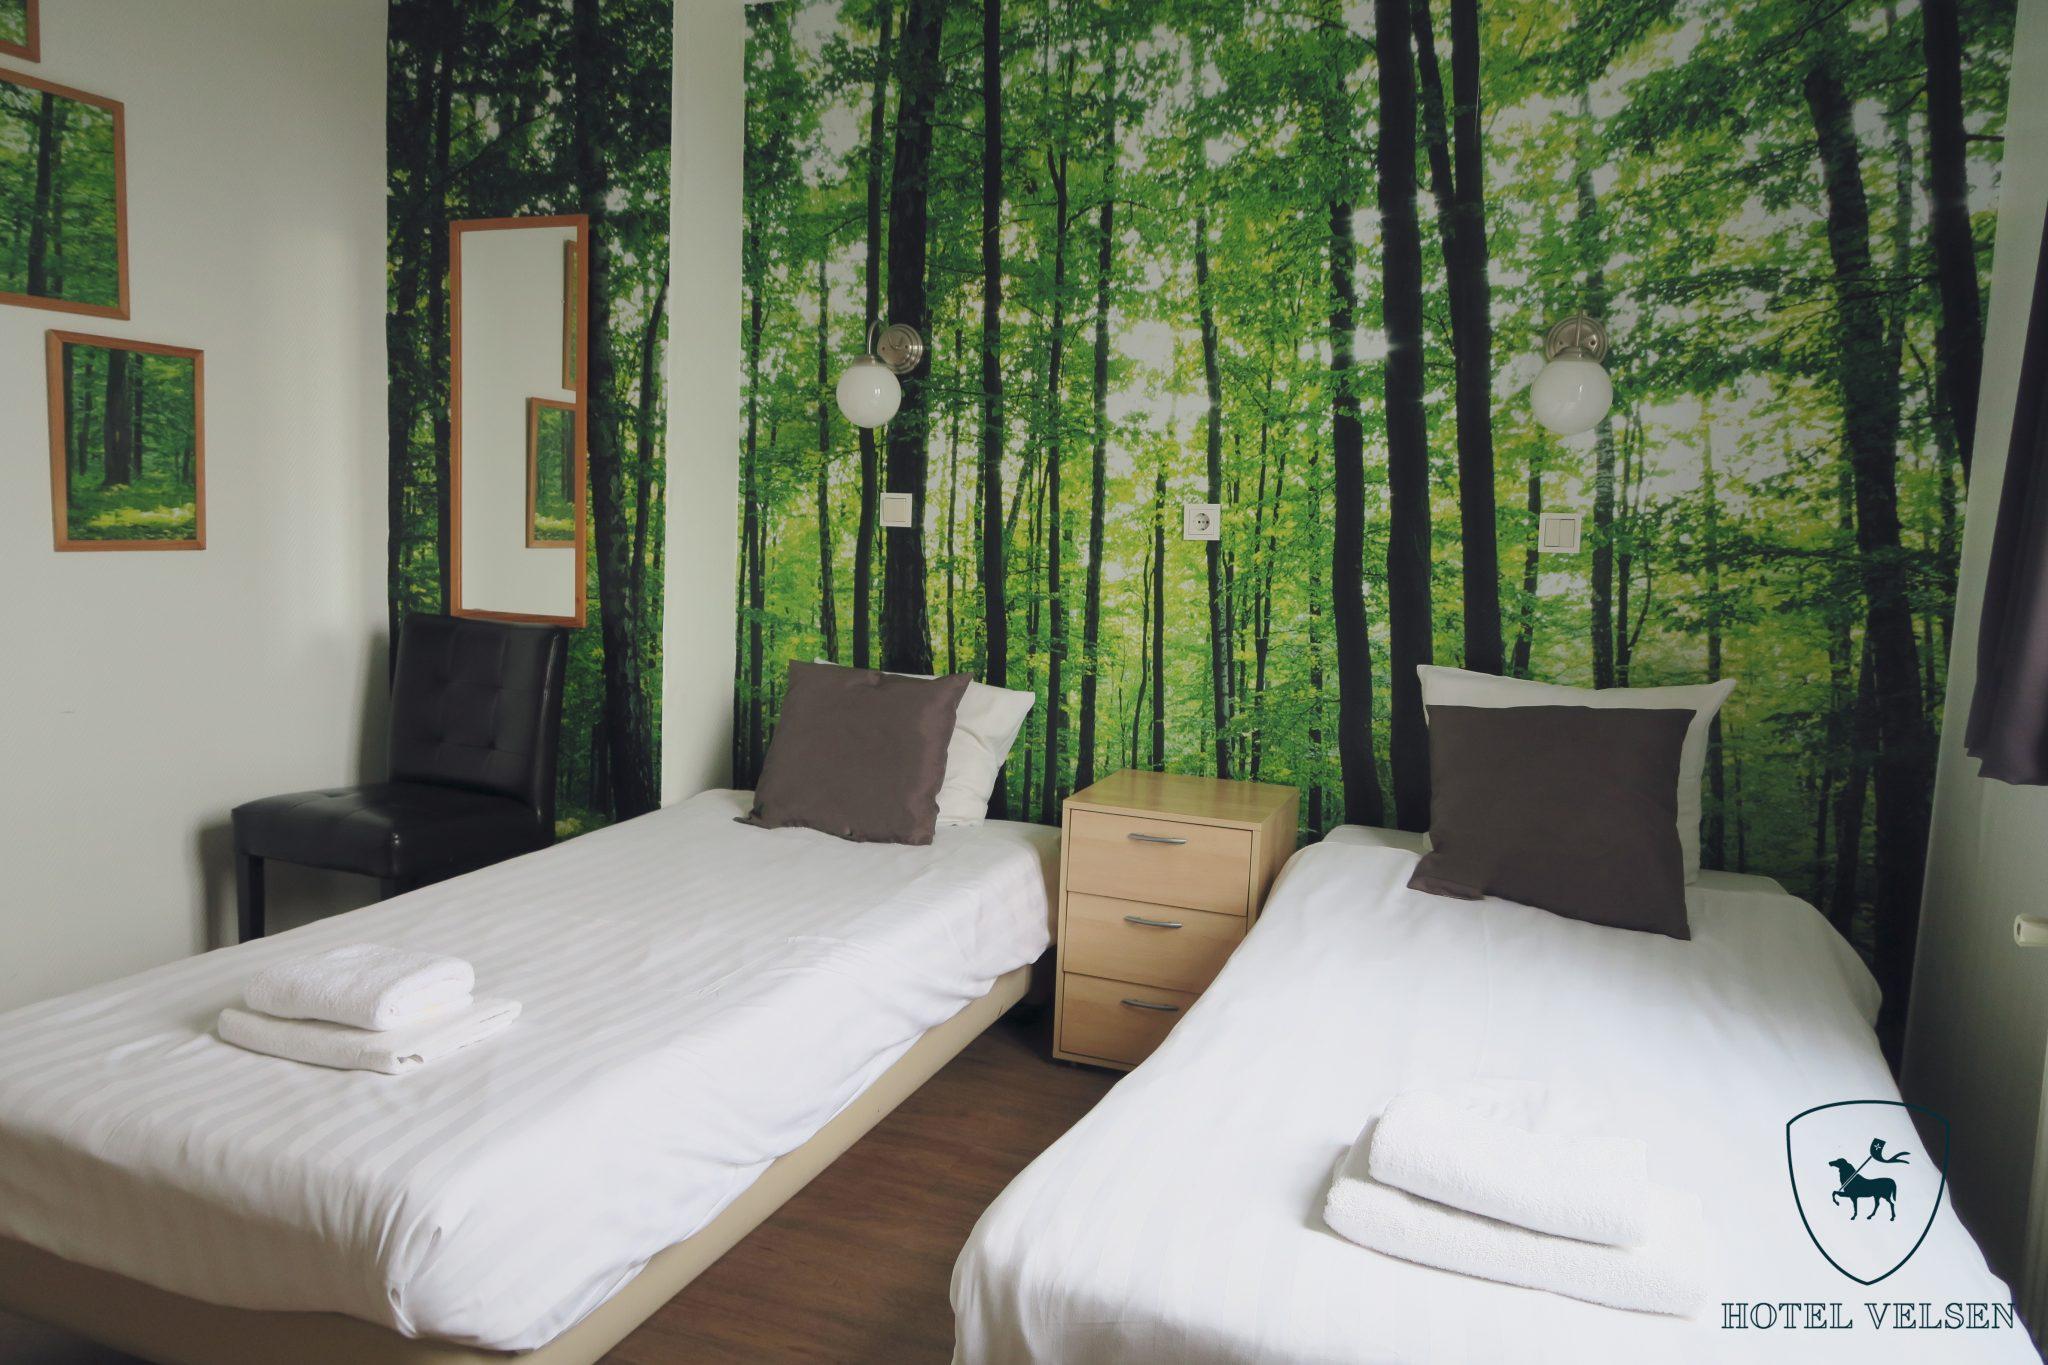 Hotel_Velsen_88-2